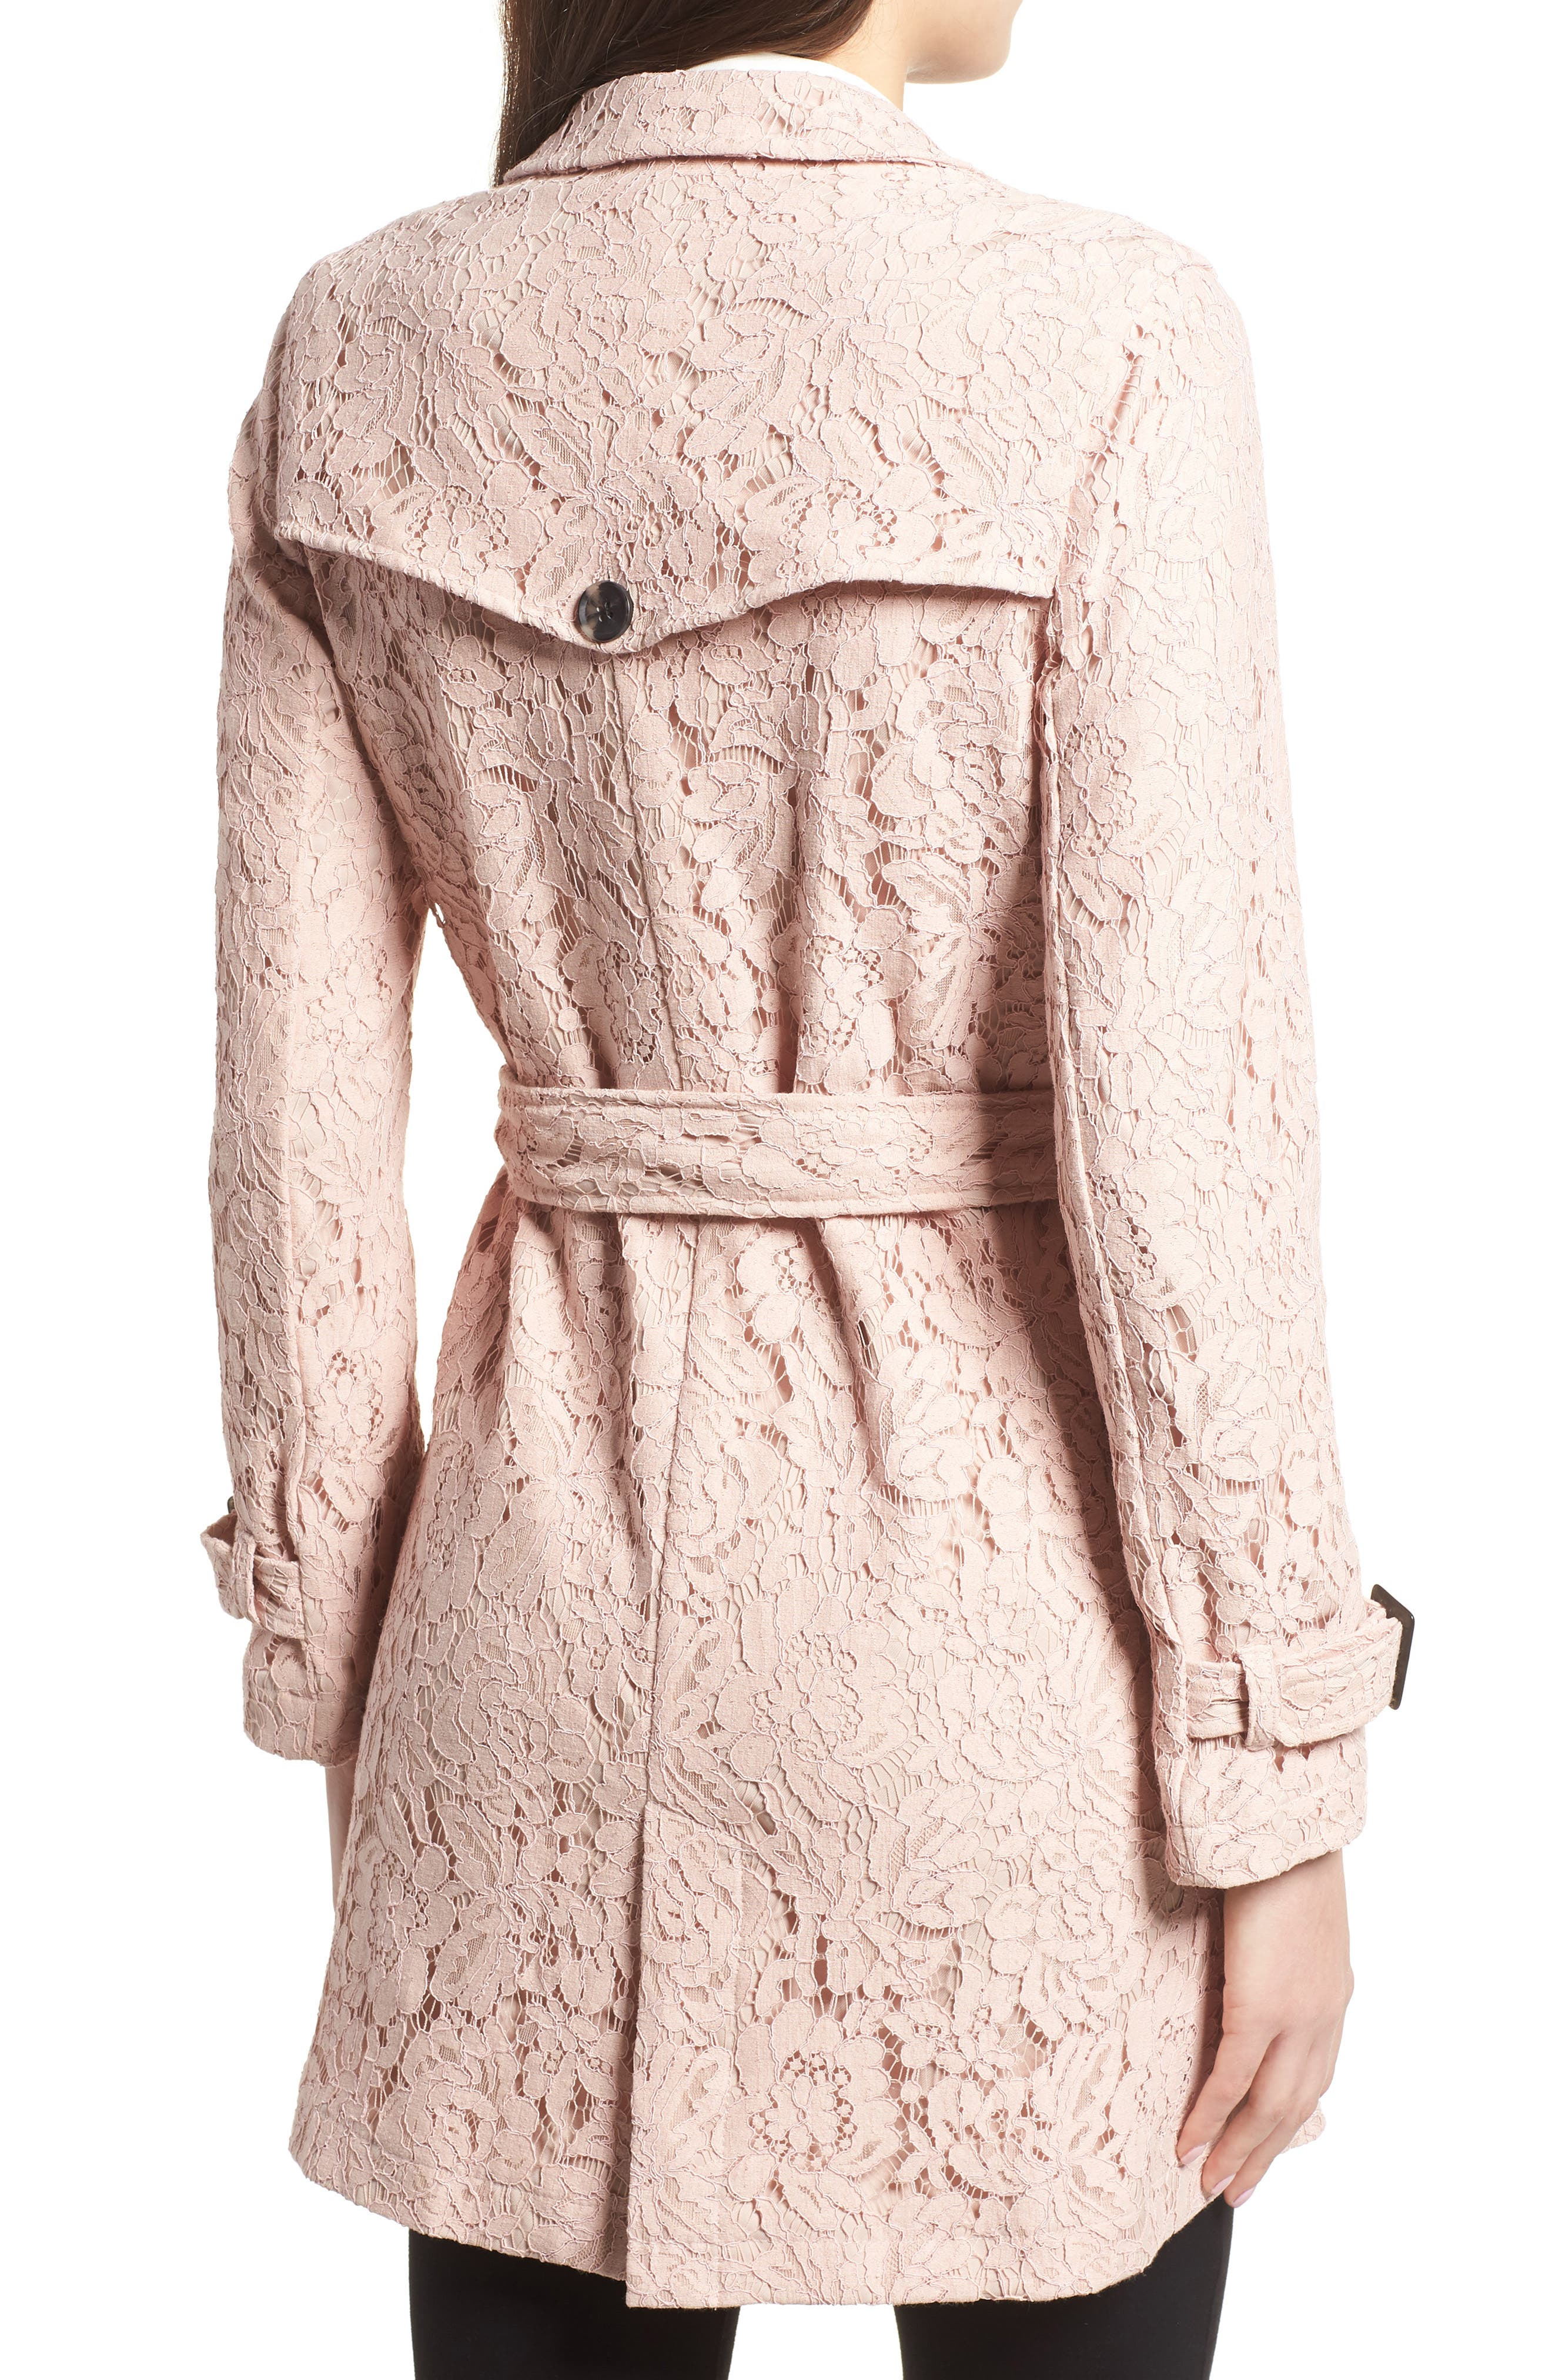 Auretta Lace Trench Coat,                             Alternate thumbnail 2, color,                             Pale Pink